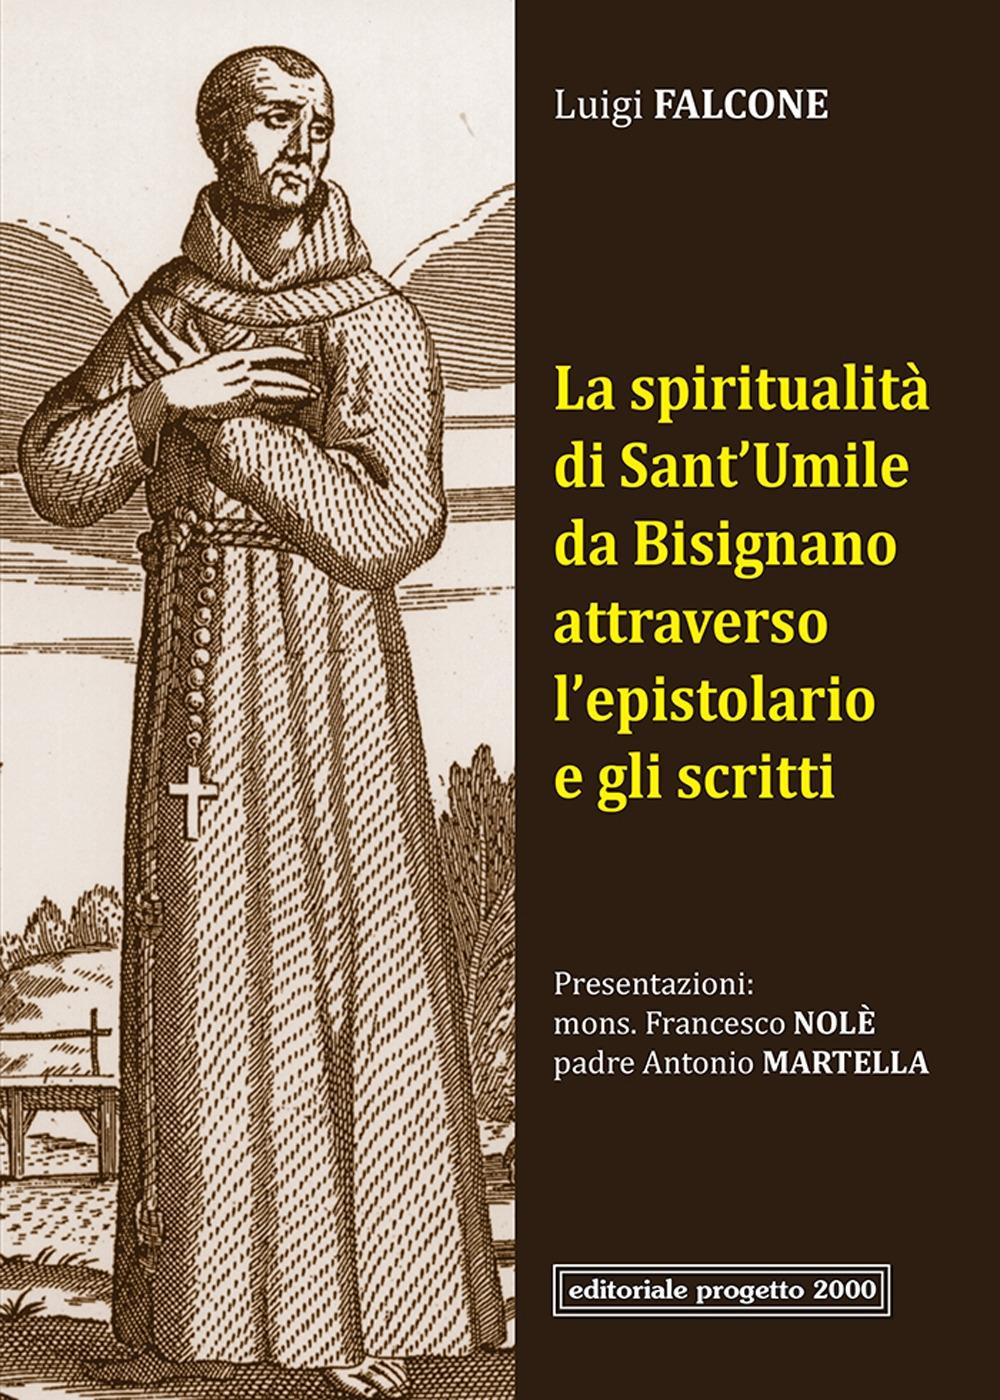 La Spiritualità di Sant'Umile Da Bisignano Attraverso l'Epistolario e gli Scritti.